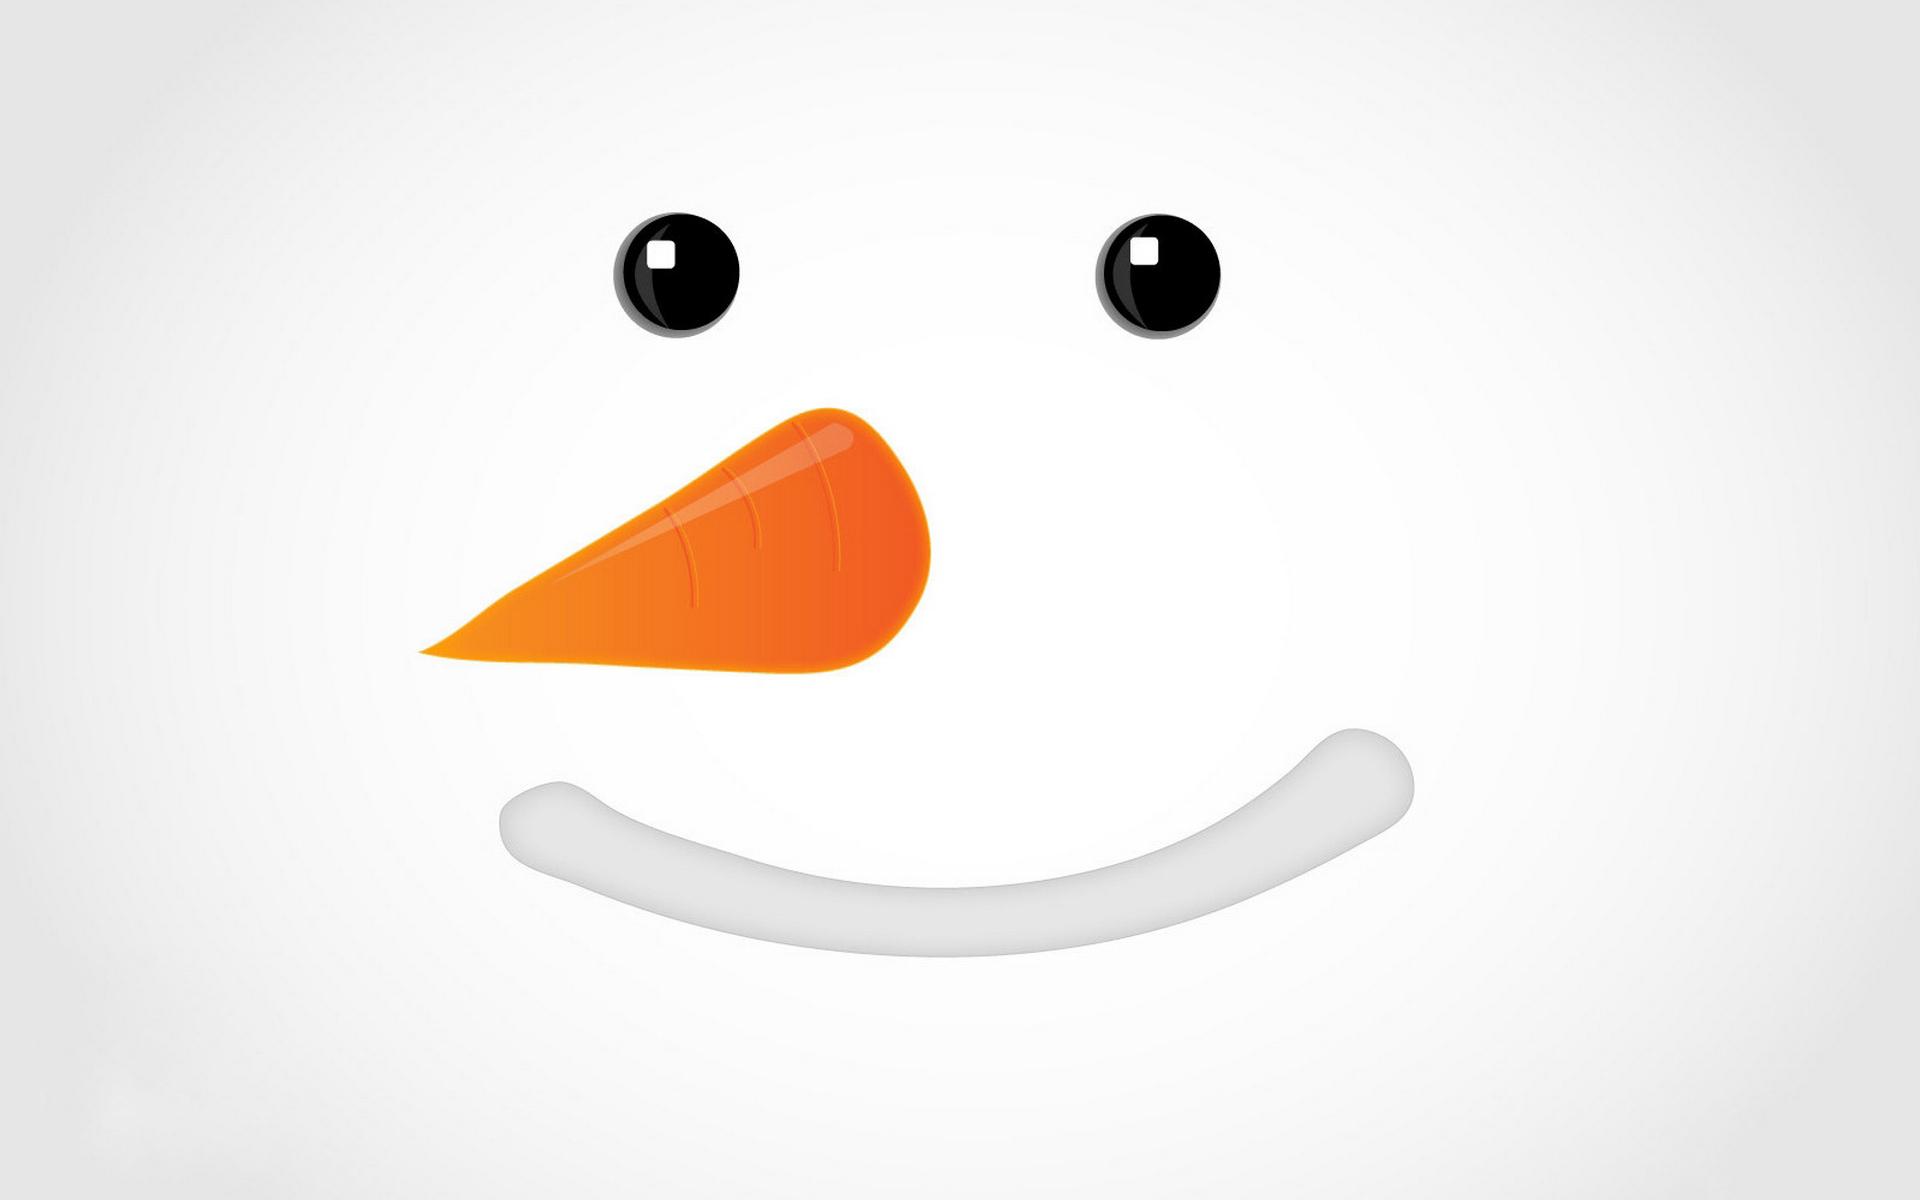 снеговик, лицо, нос